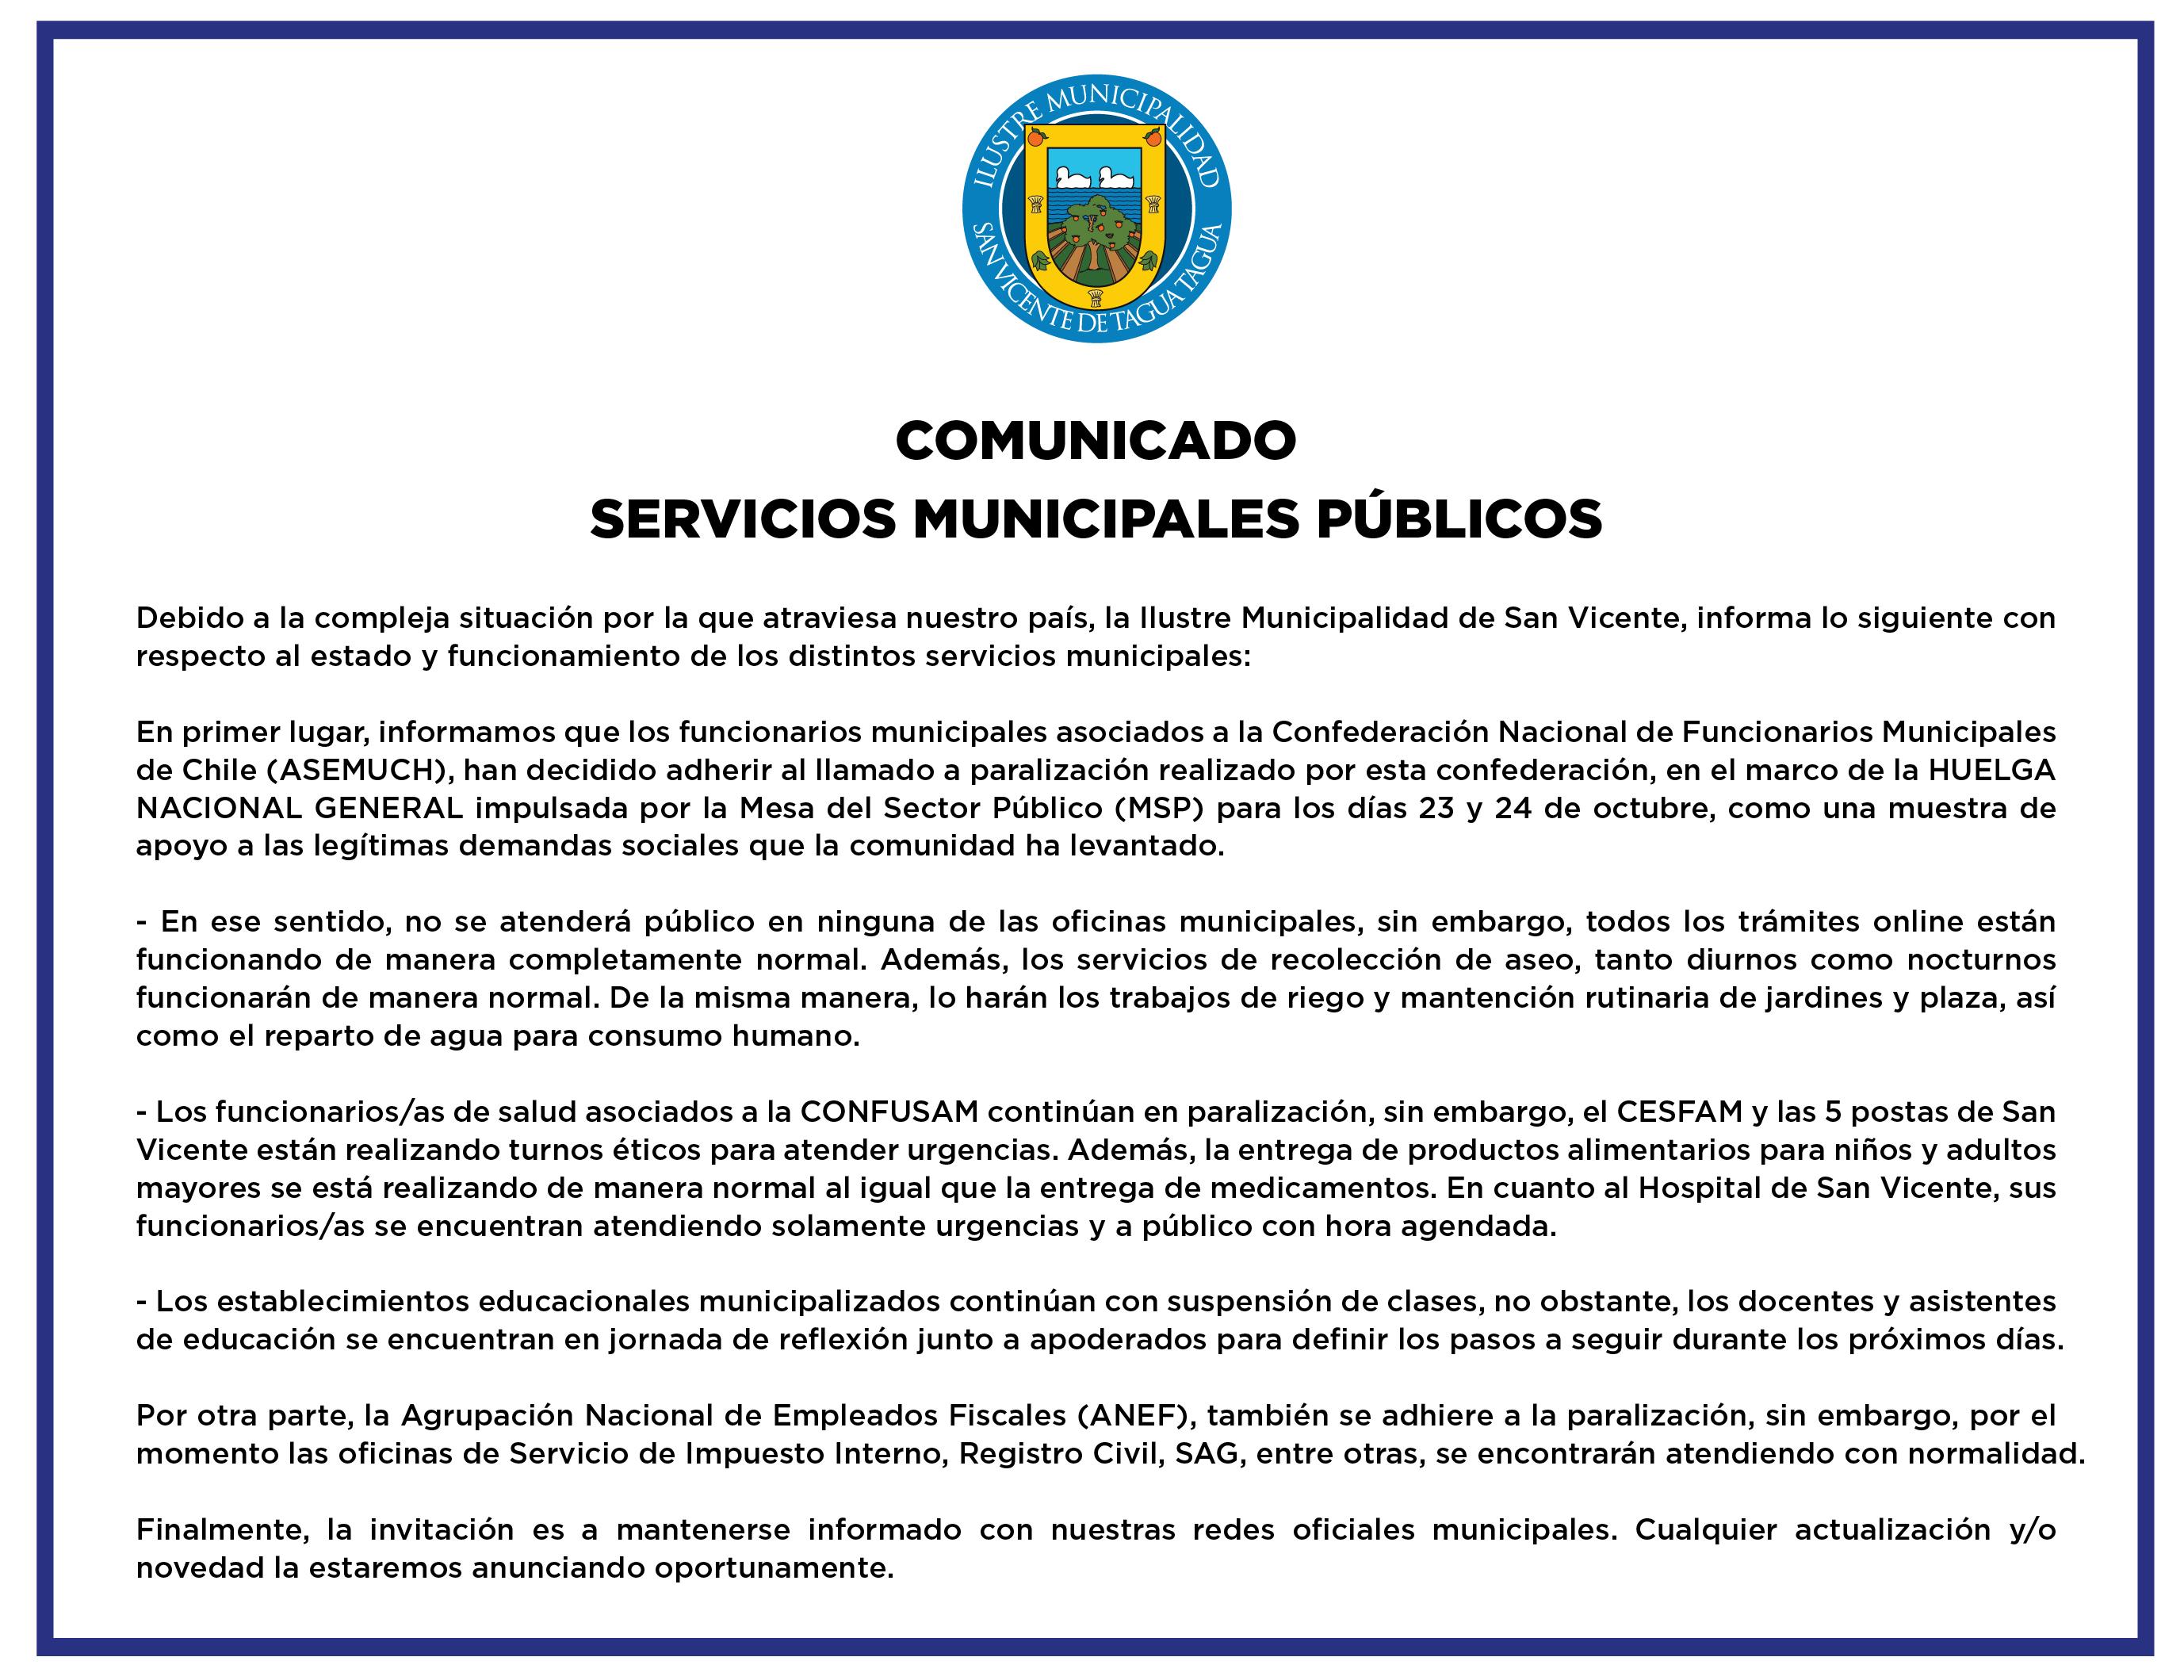 #AHORA | COMUNICADO SERVICIOS MUNICIPALES PÚBLICOS